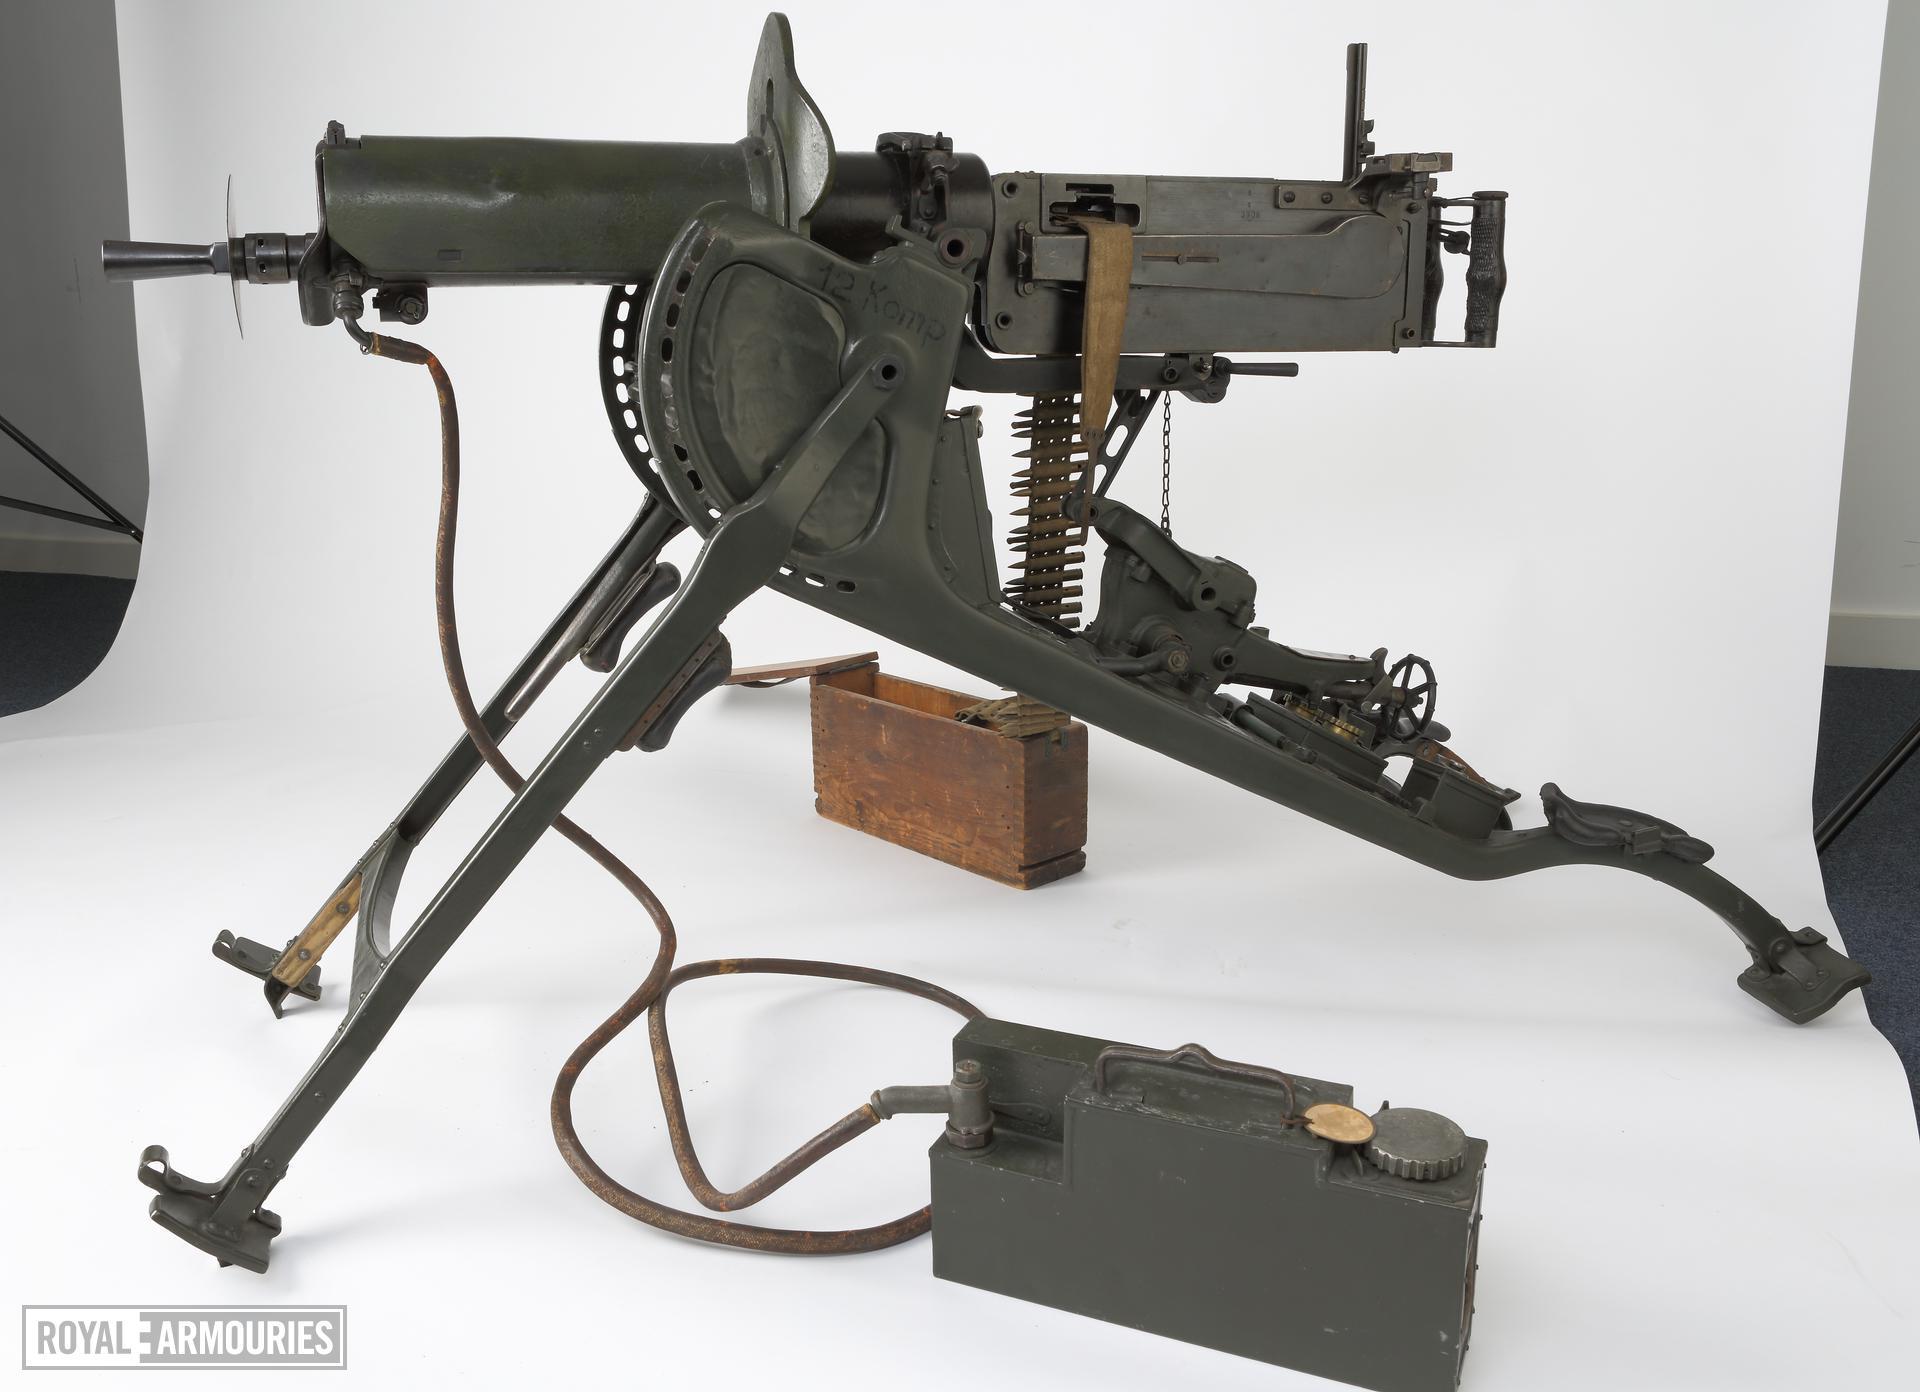 German MG08 Maxim